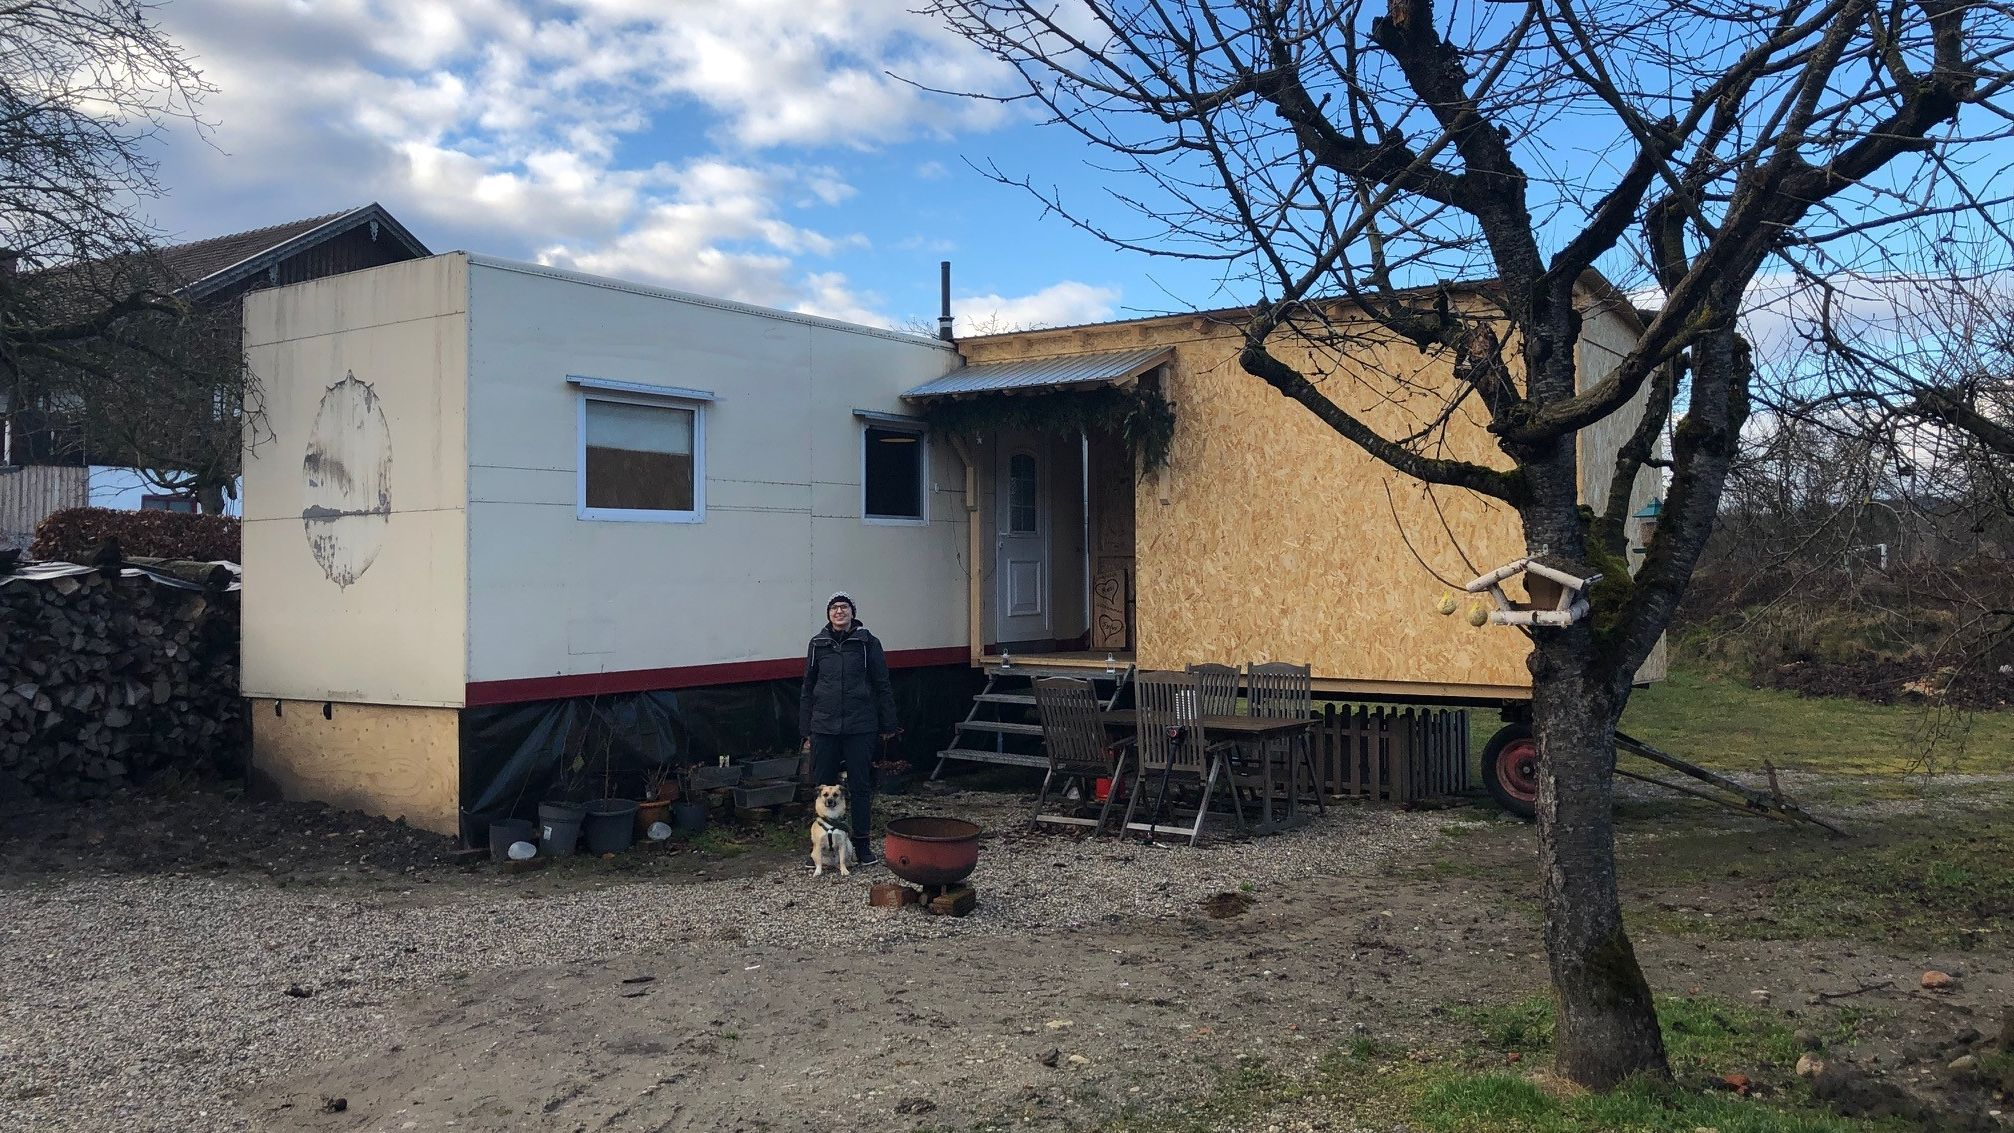 Der umgebaute Zirkuswagen: Bis das Haus von Sylvia und Theresa fertig ist, lebt das Ehepaar in dem Tiny House.